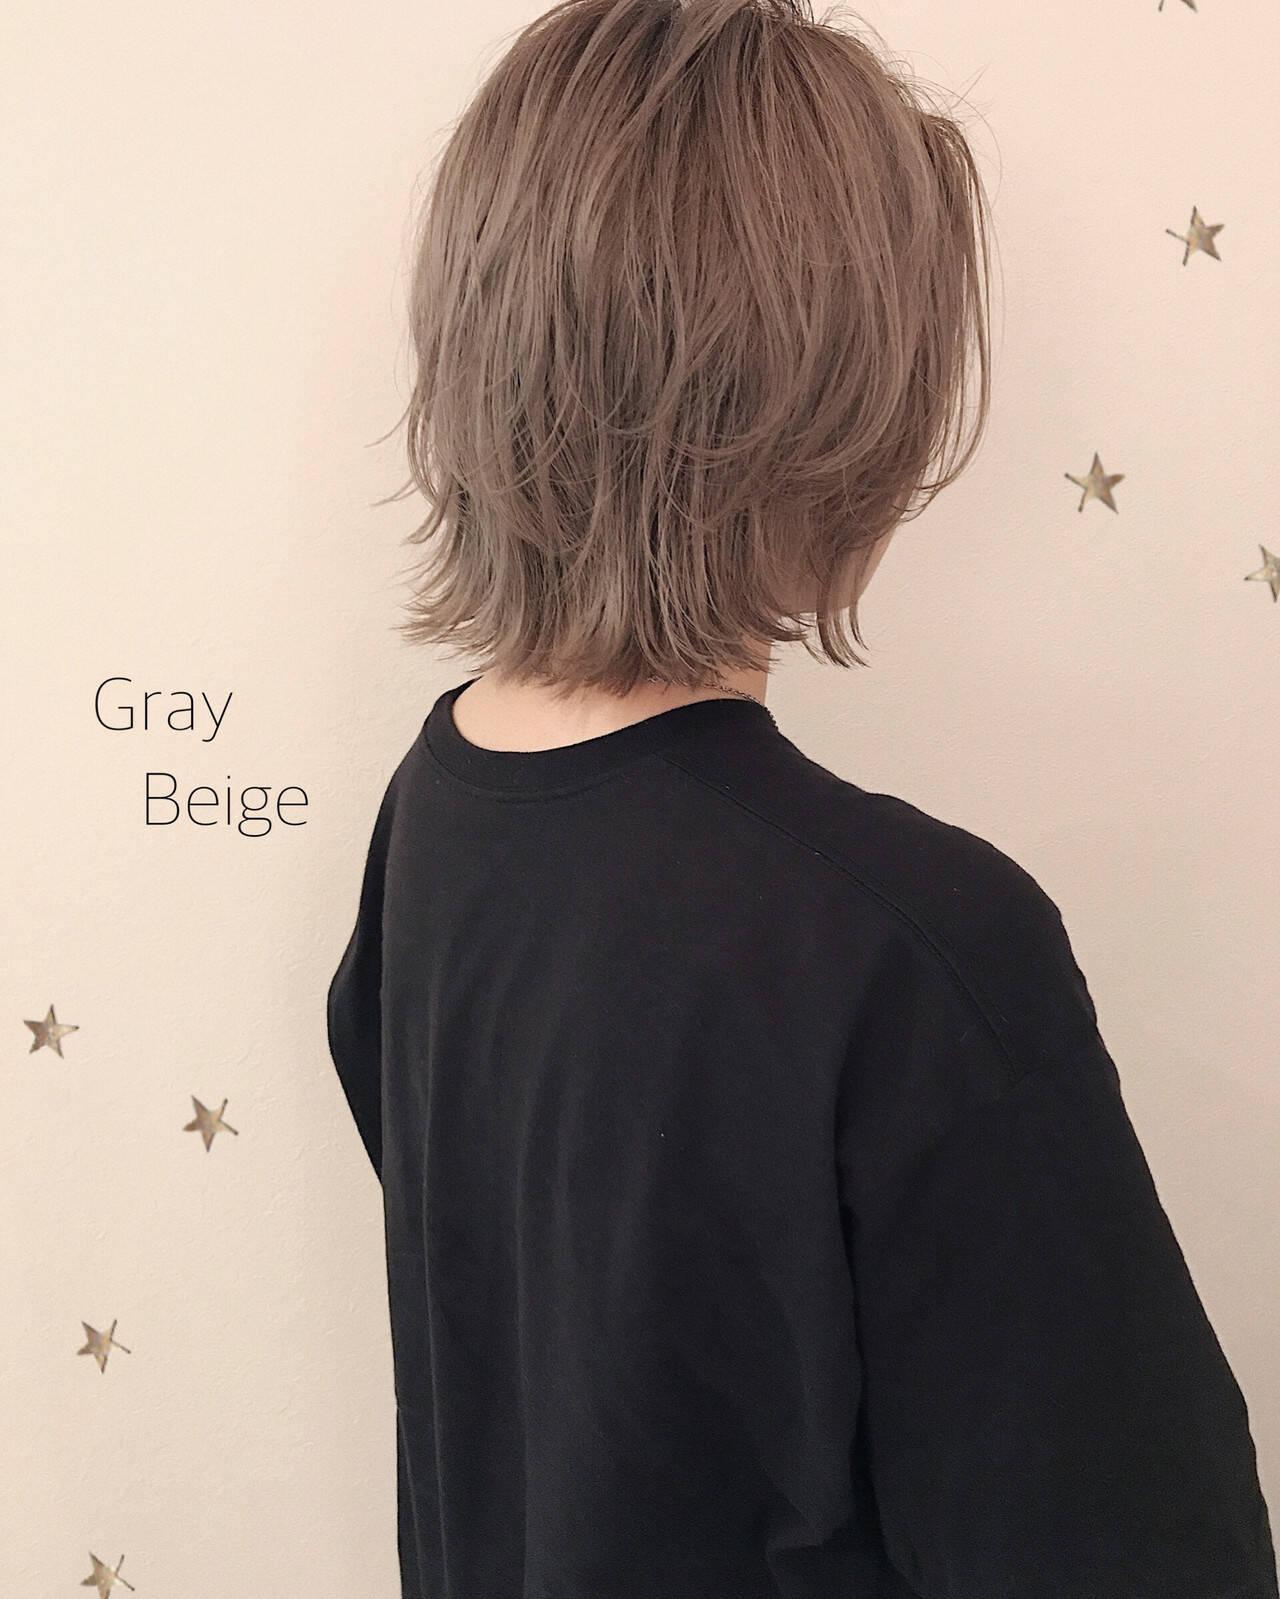 レイヤーボブ ハイトーンカラー ウルフカット ボブヘアスタイルや髪型の写真・画像